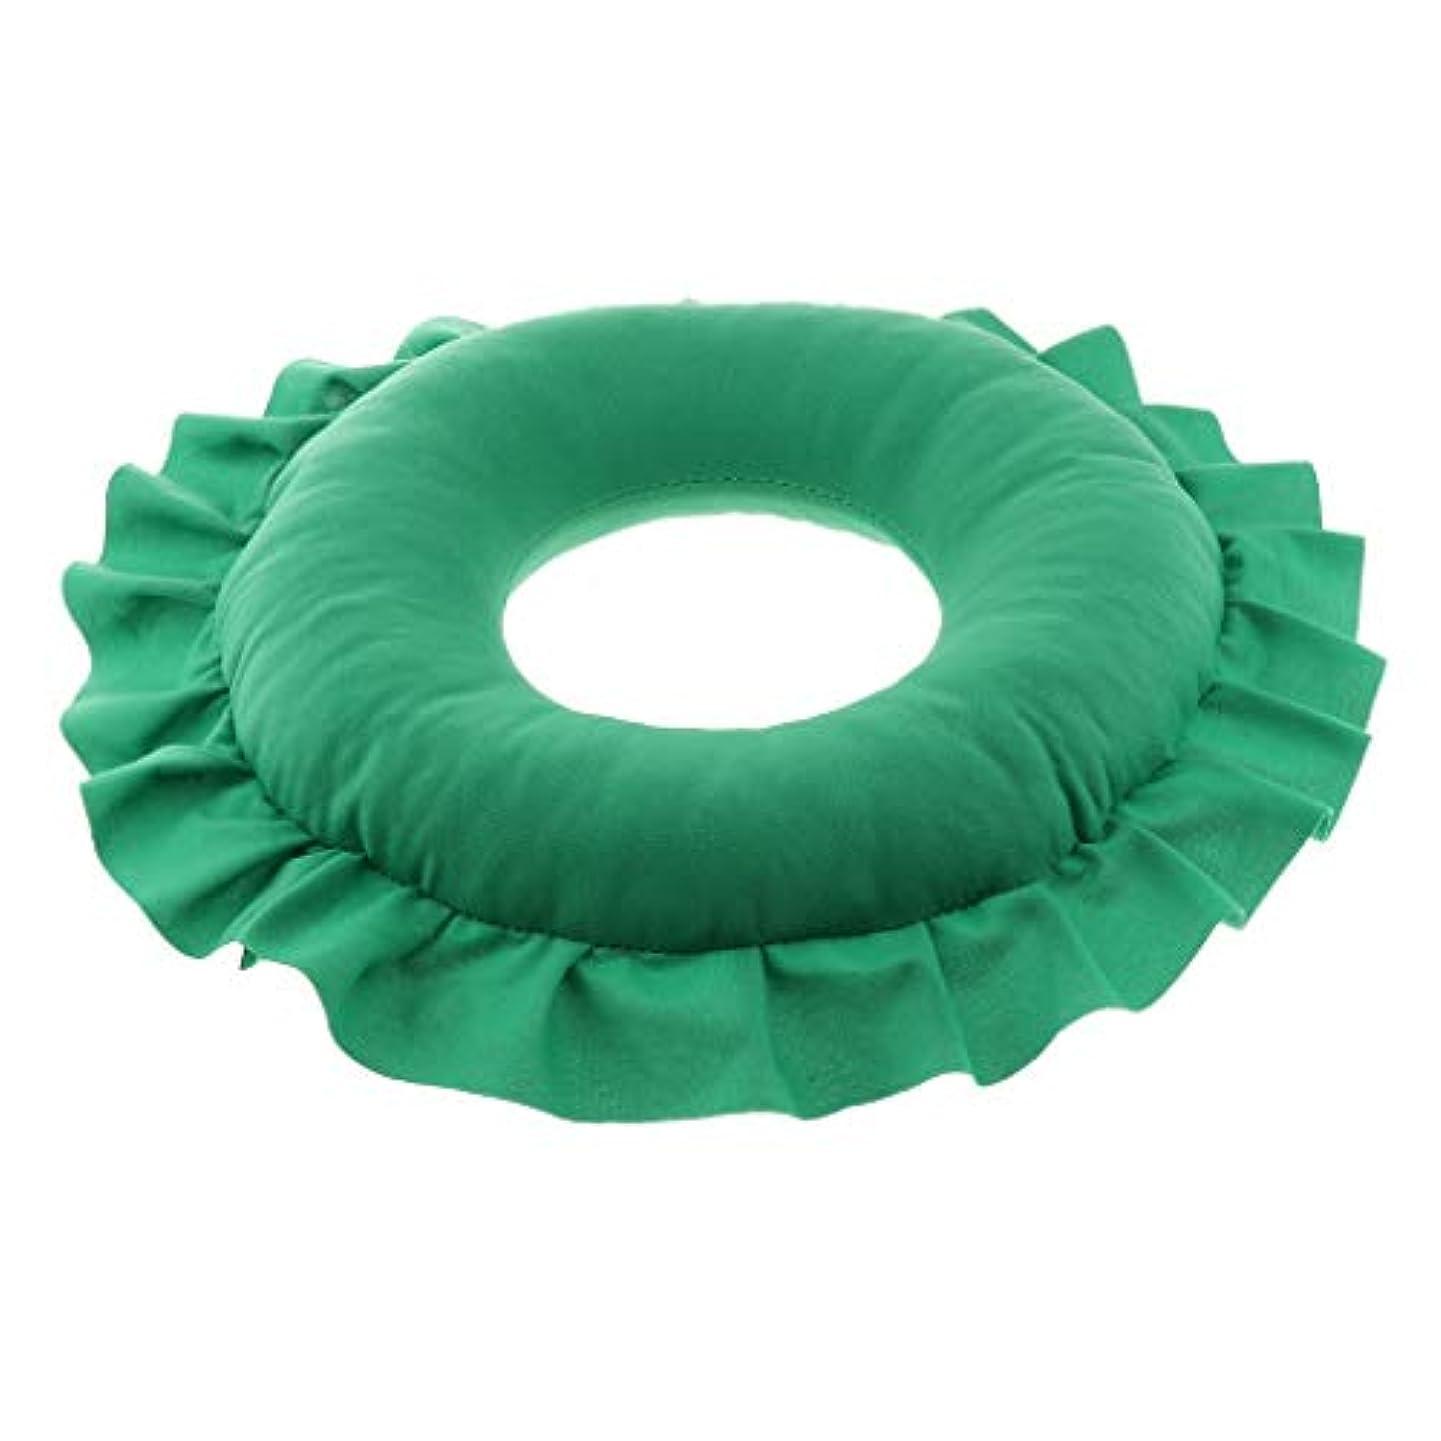 見出し成功するストローCUTICATE 全4色 洗えるピロー フェイスピロー 顔枕 マッサージベッド 美容院 ソフト 軽量 快適 - 緑